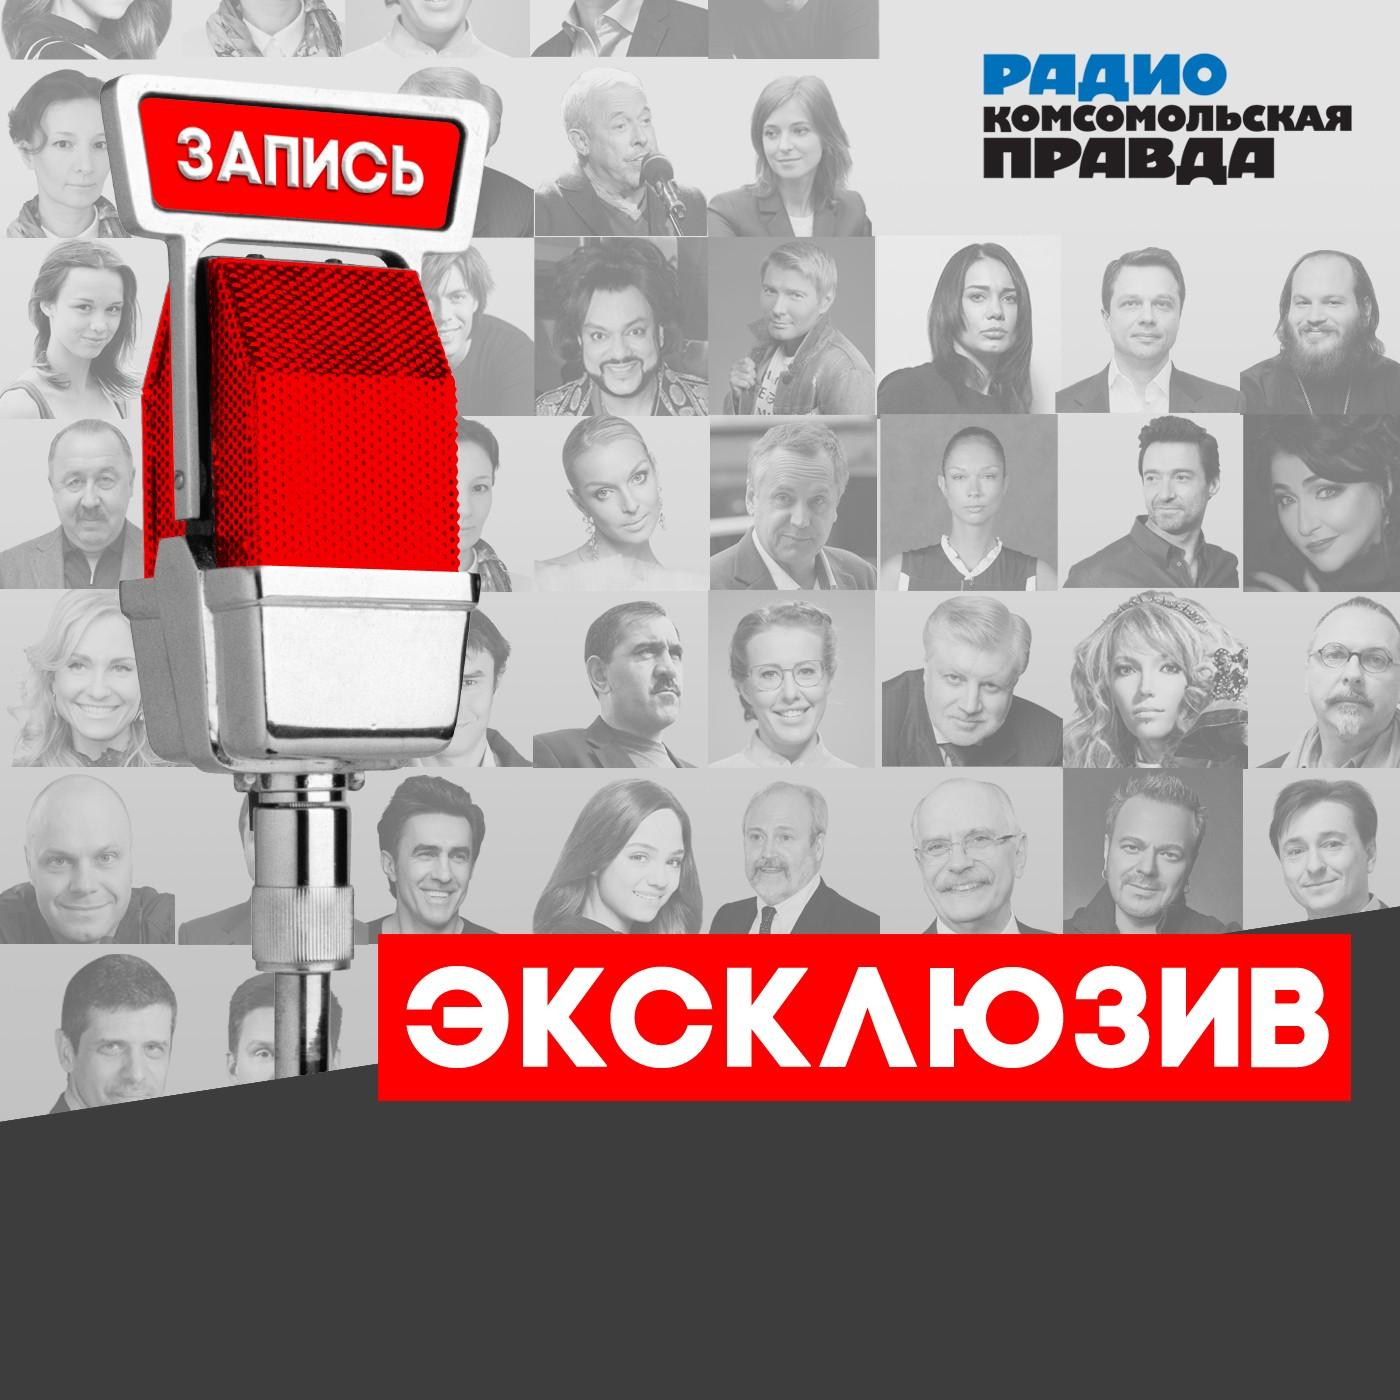 Радио «Комсомольская правда» Лучшие хиты Франции за последние годы лучшие музыкальные клипы хиты 2006 часть 2 выпуск 7